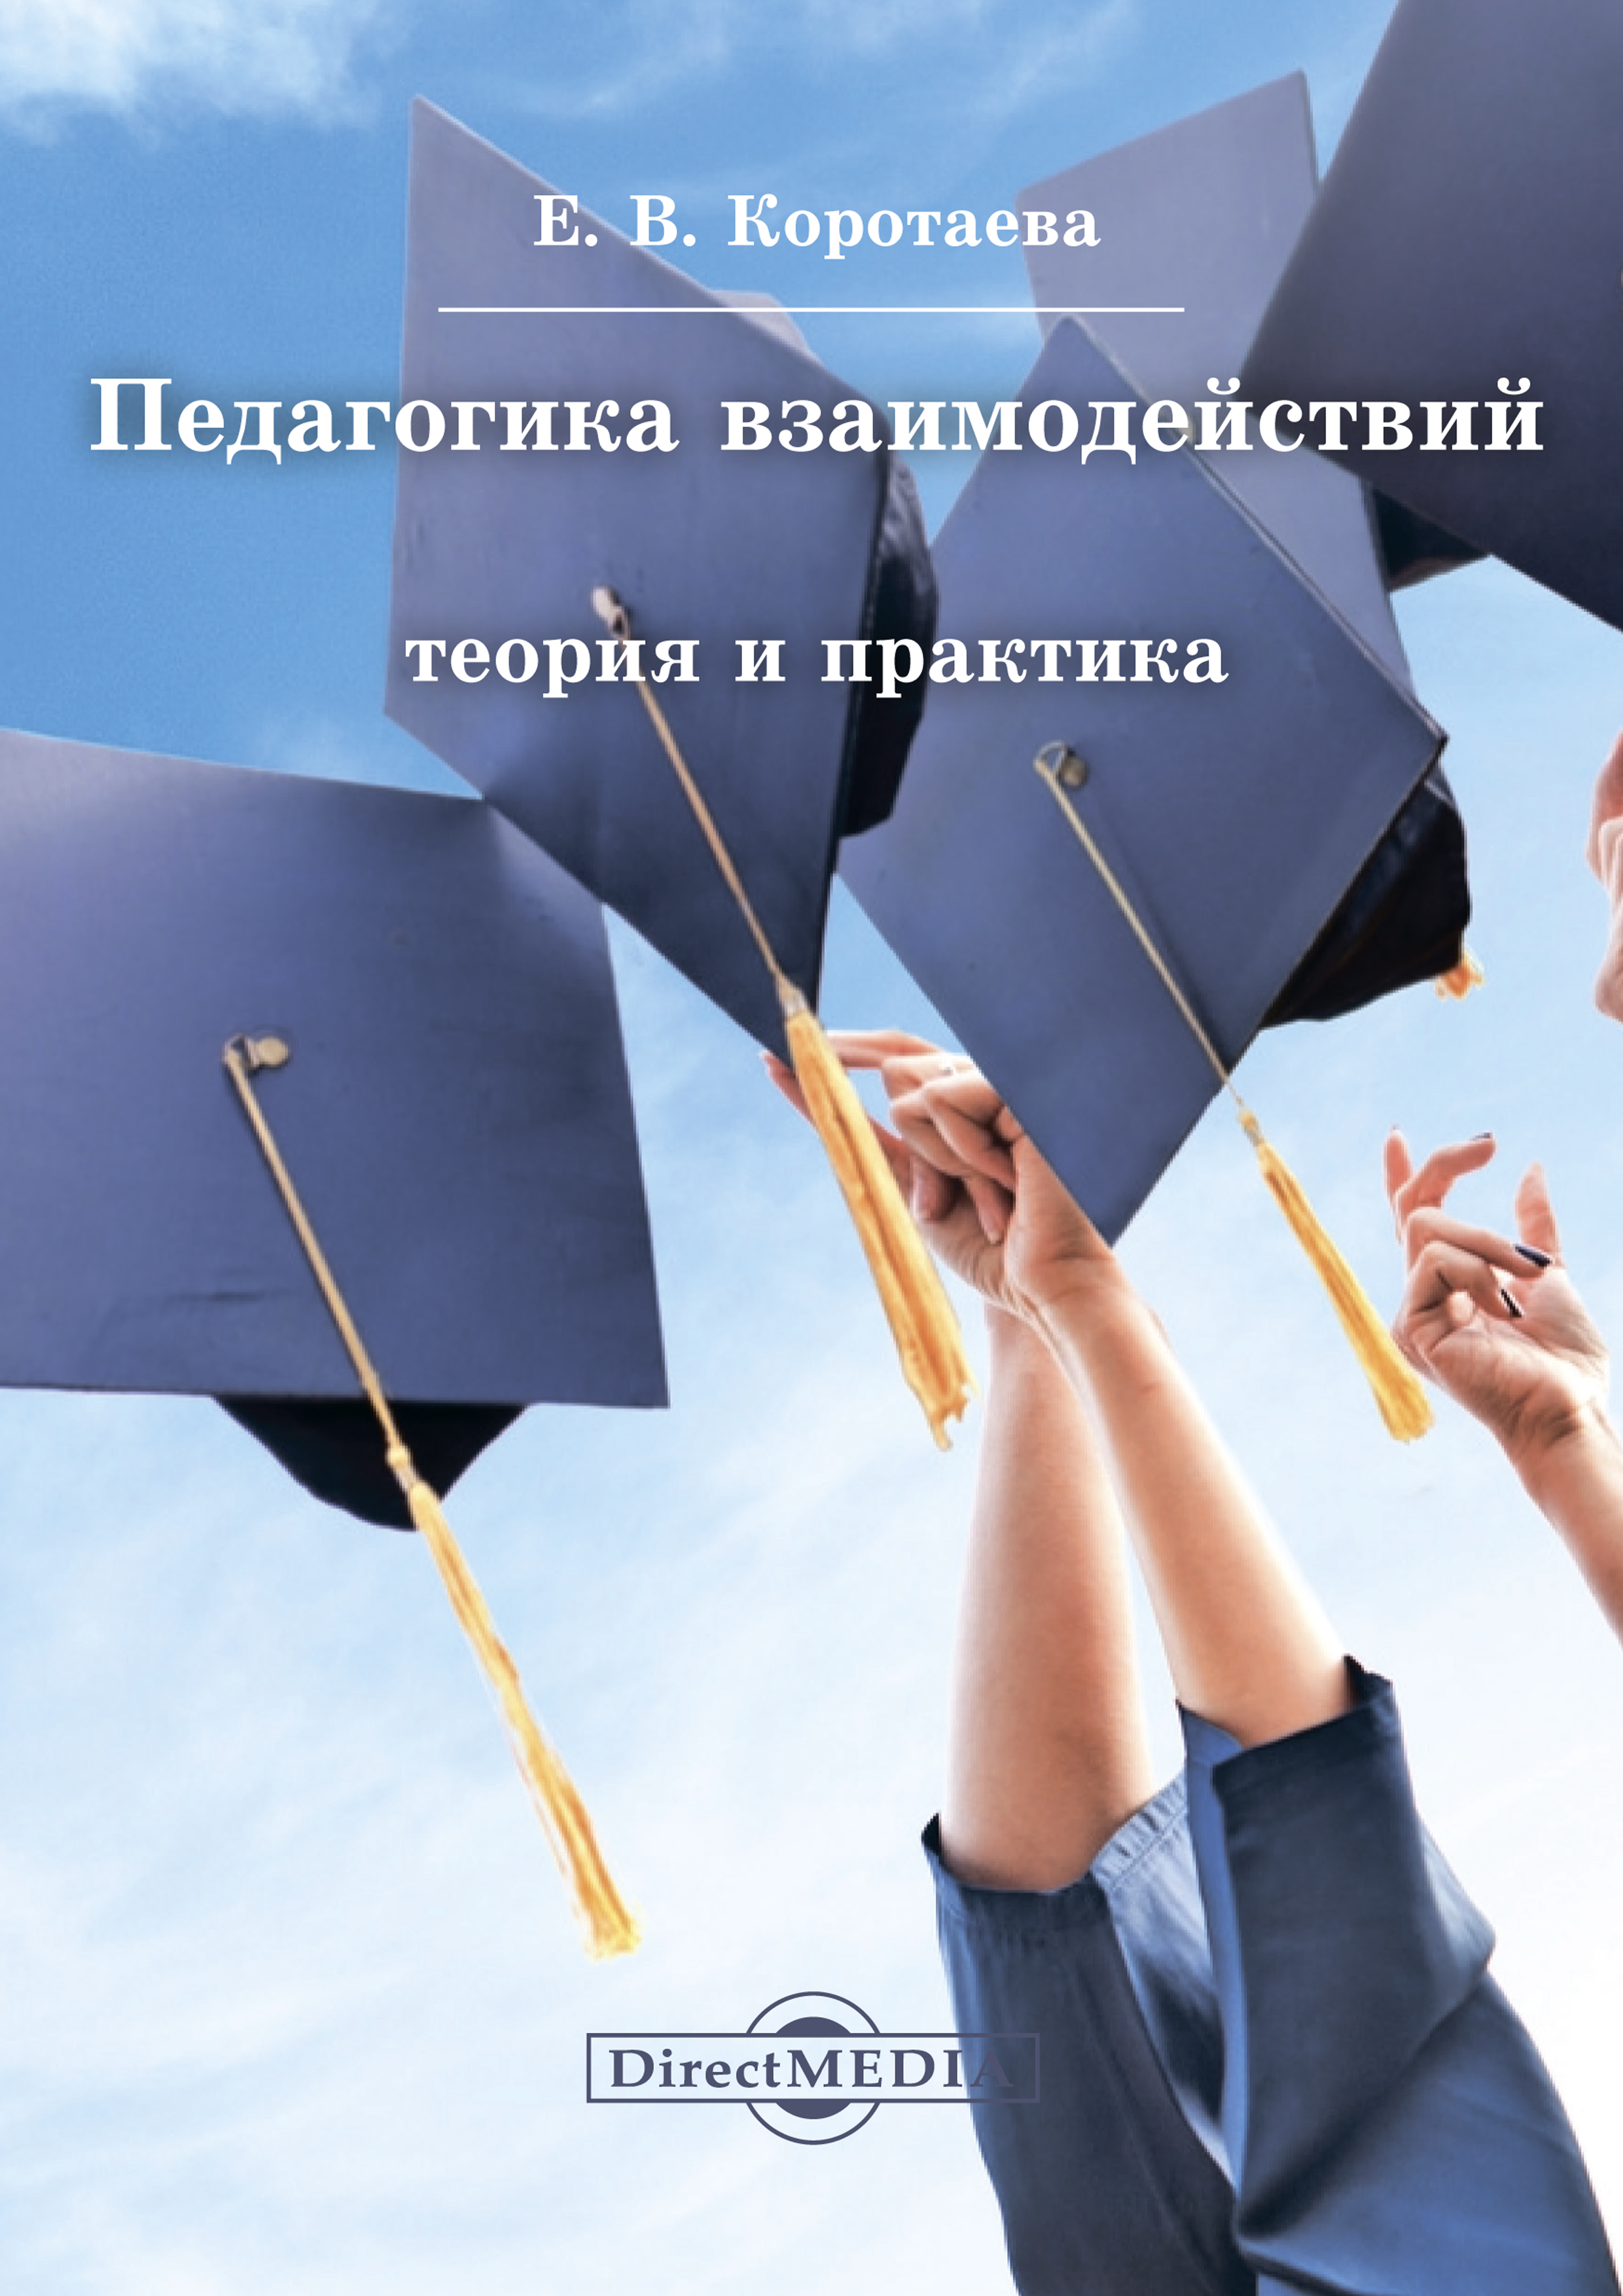 Евгения Коротаева Педагогика взаимодействий